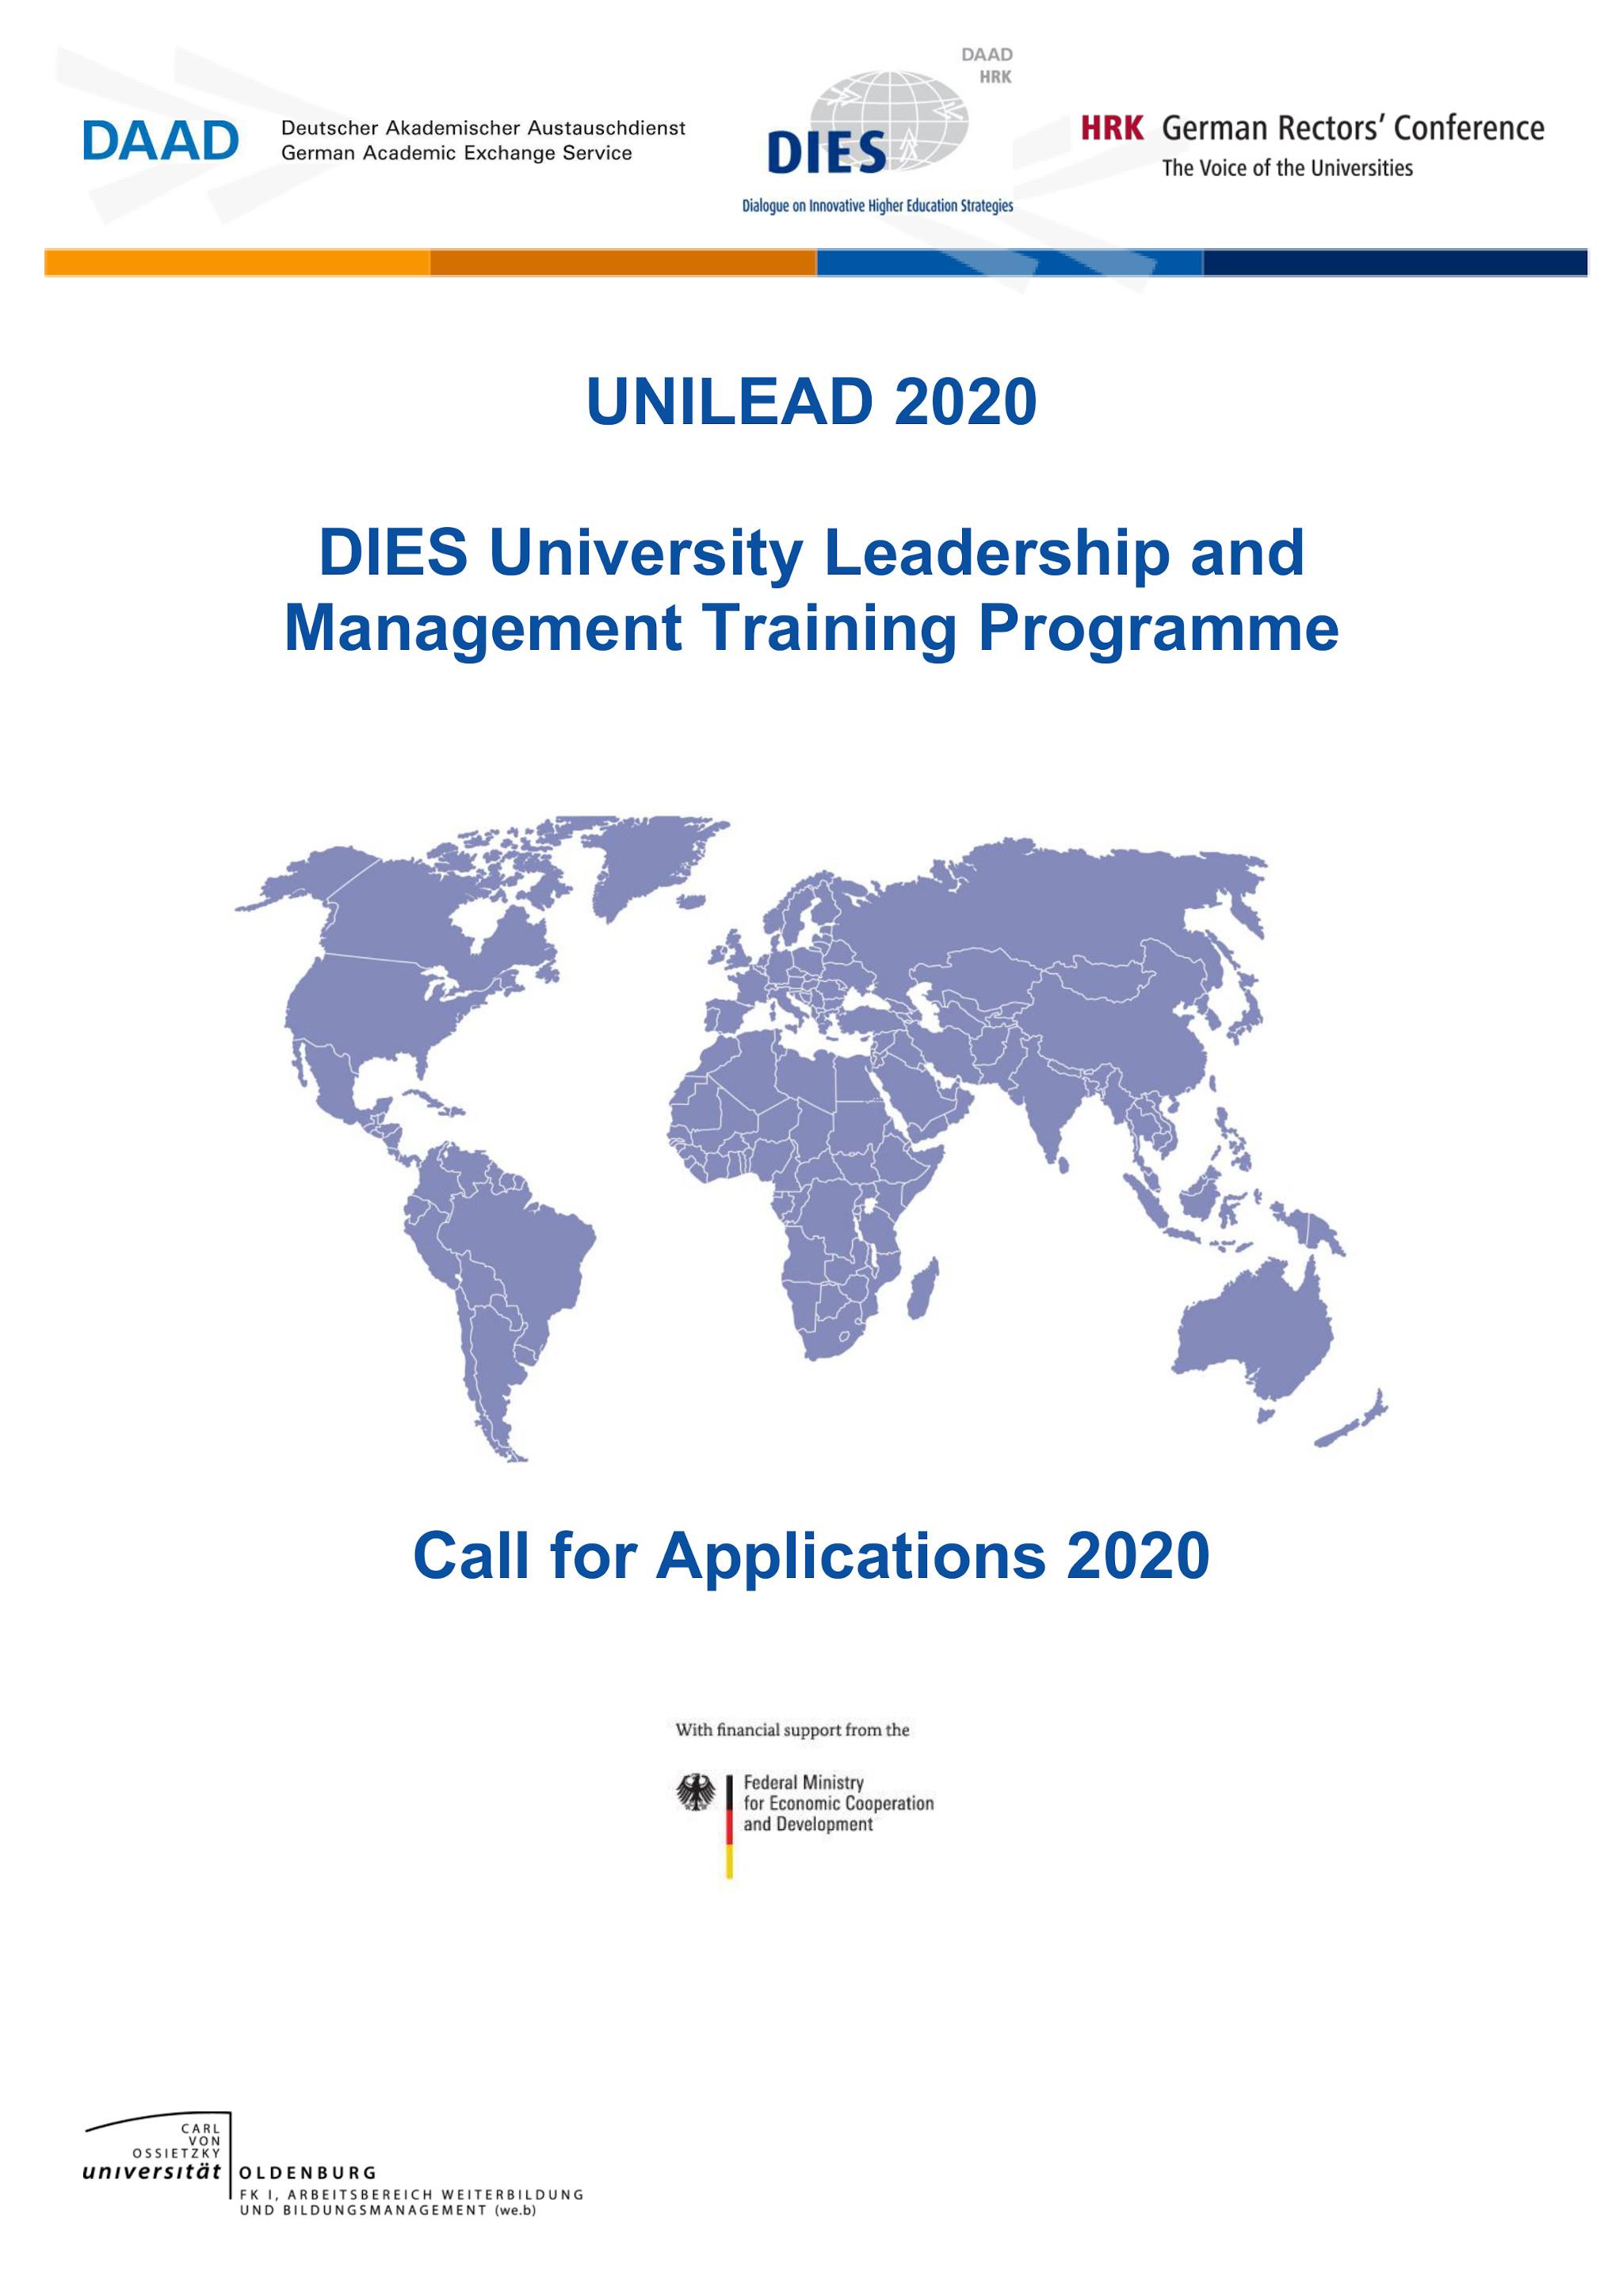 Convocatoria del programa UNILEAD 2020